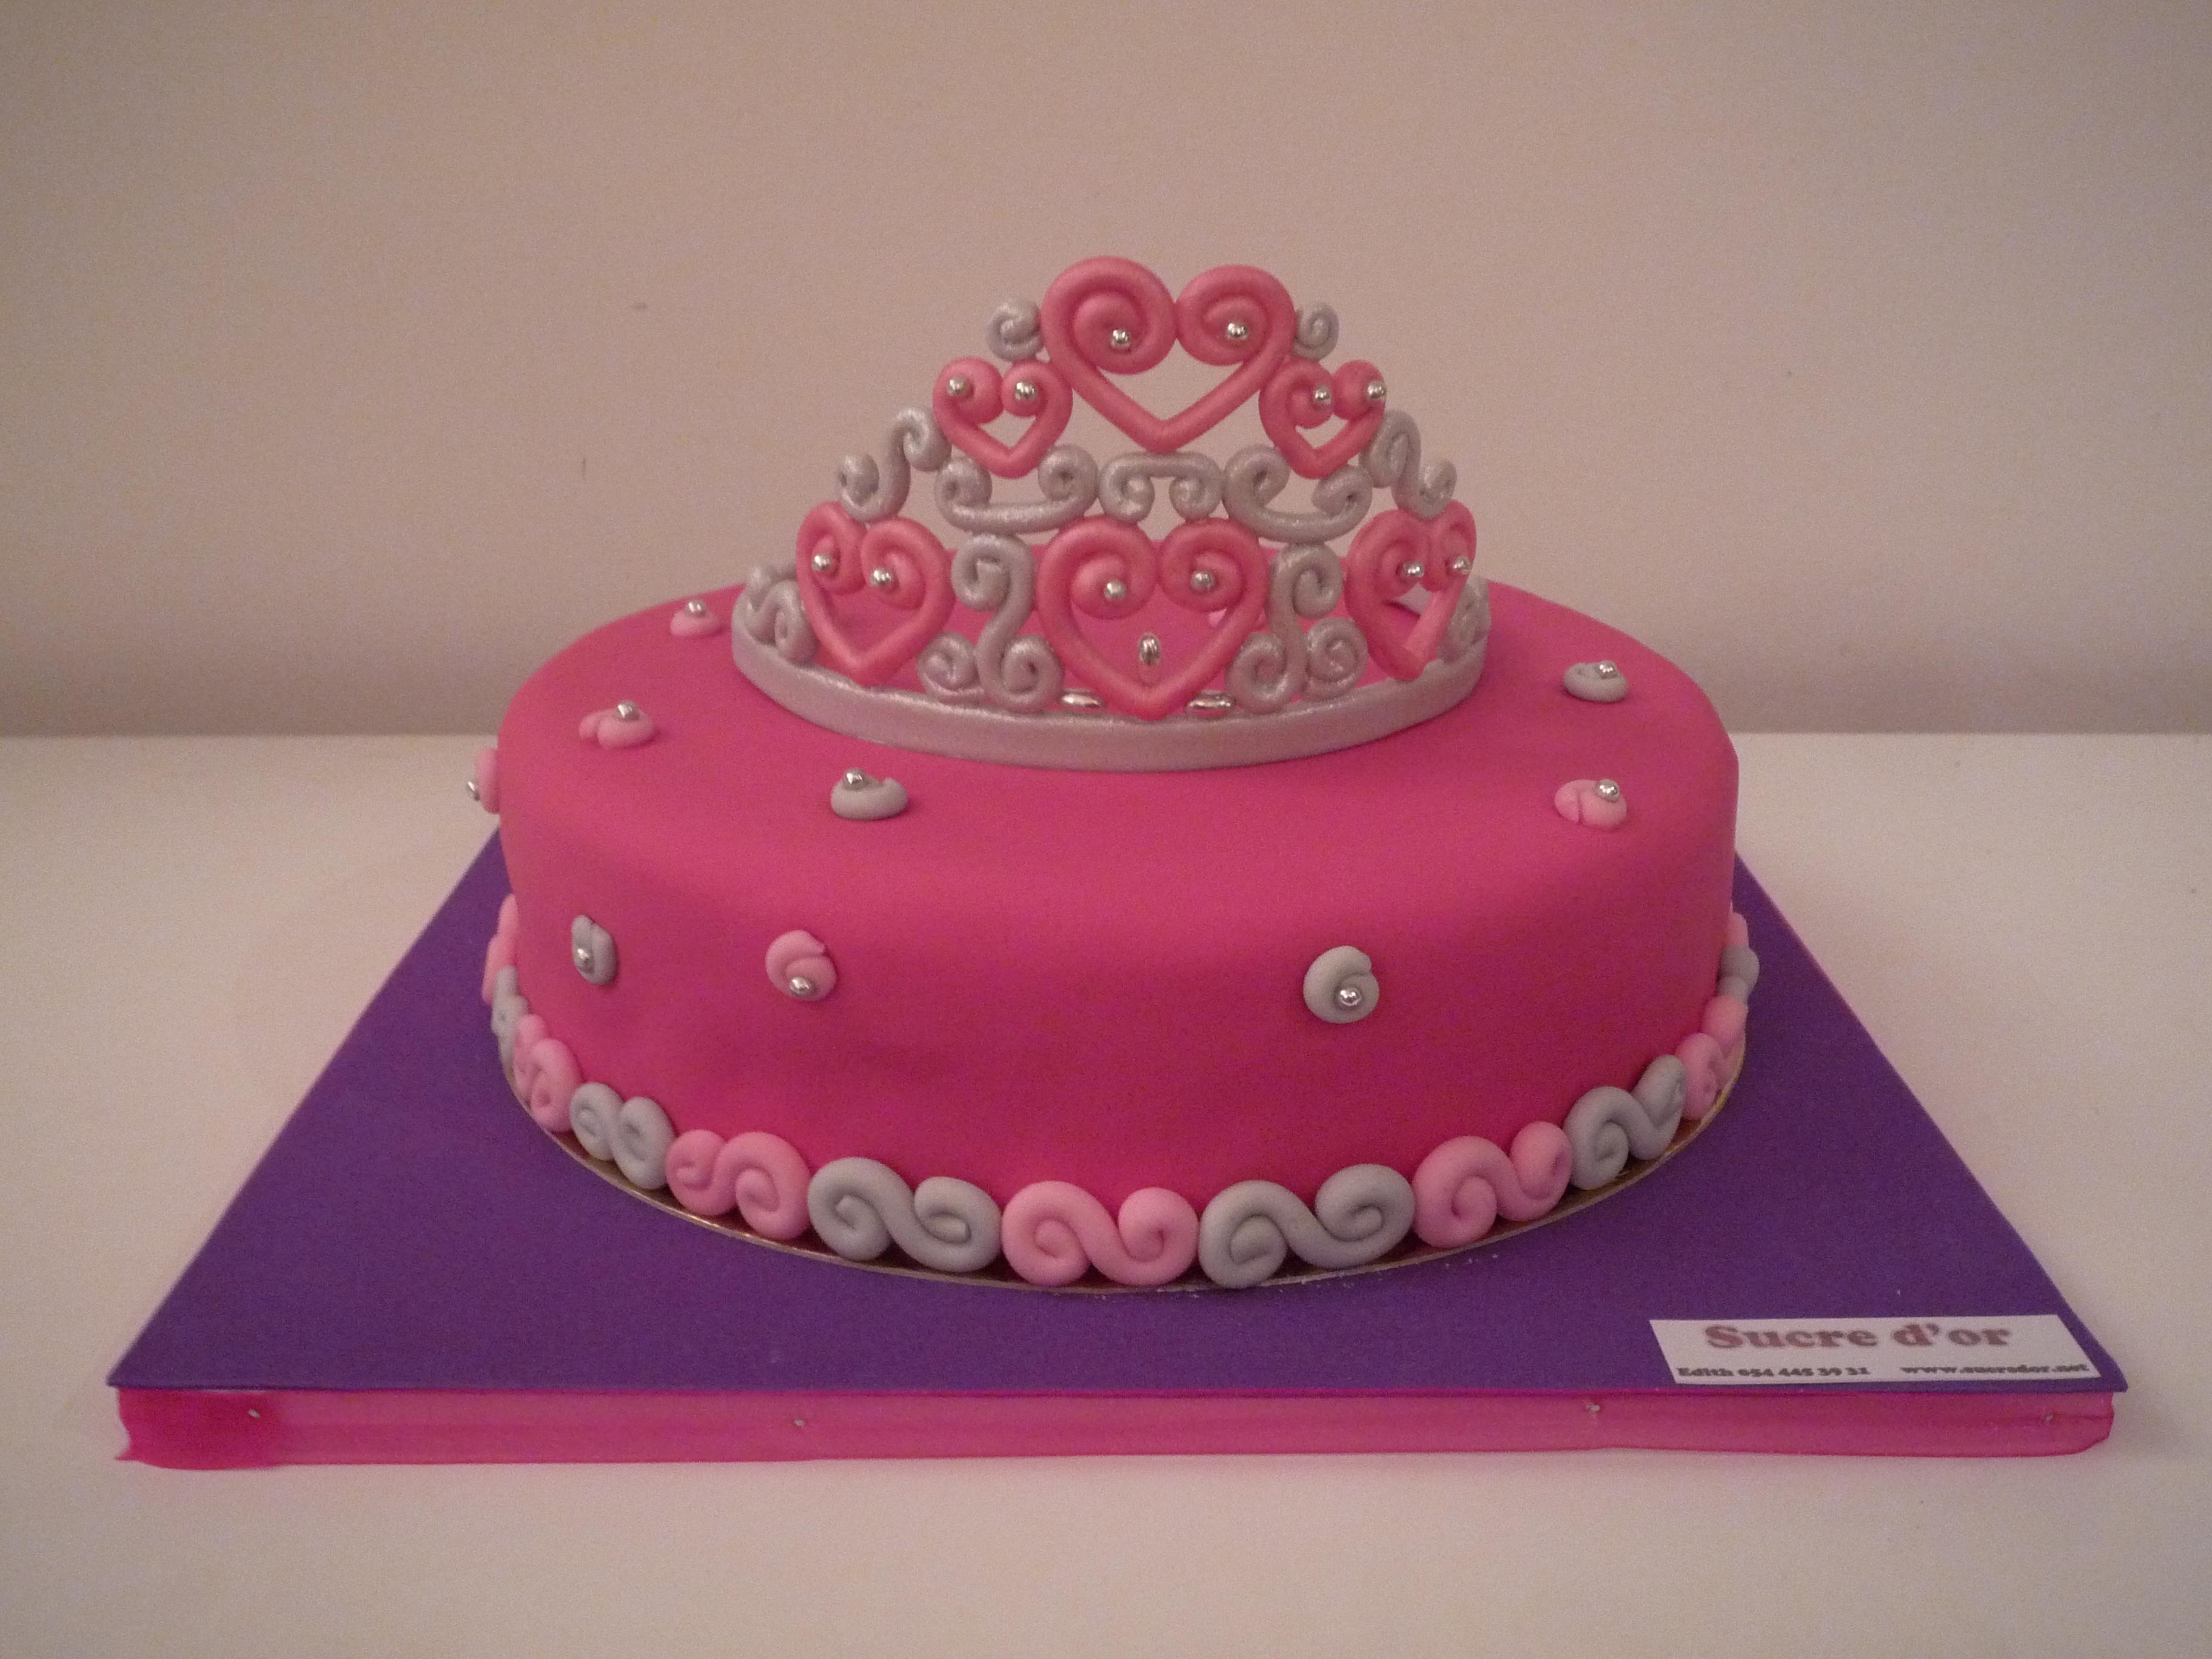 The Tiara Cake